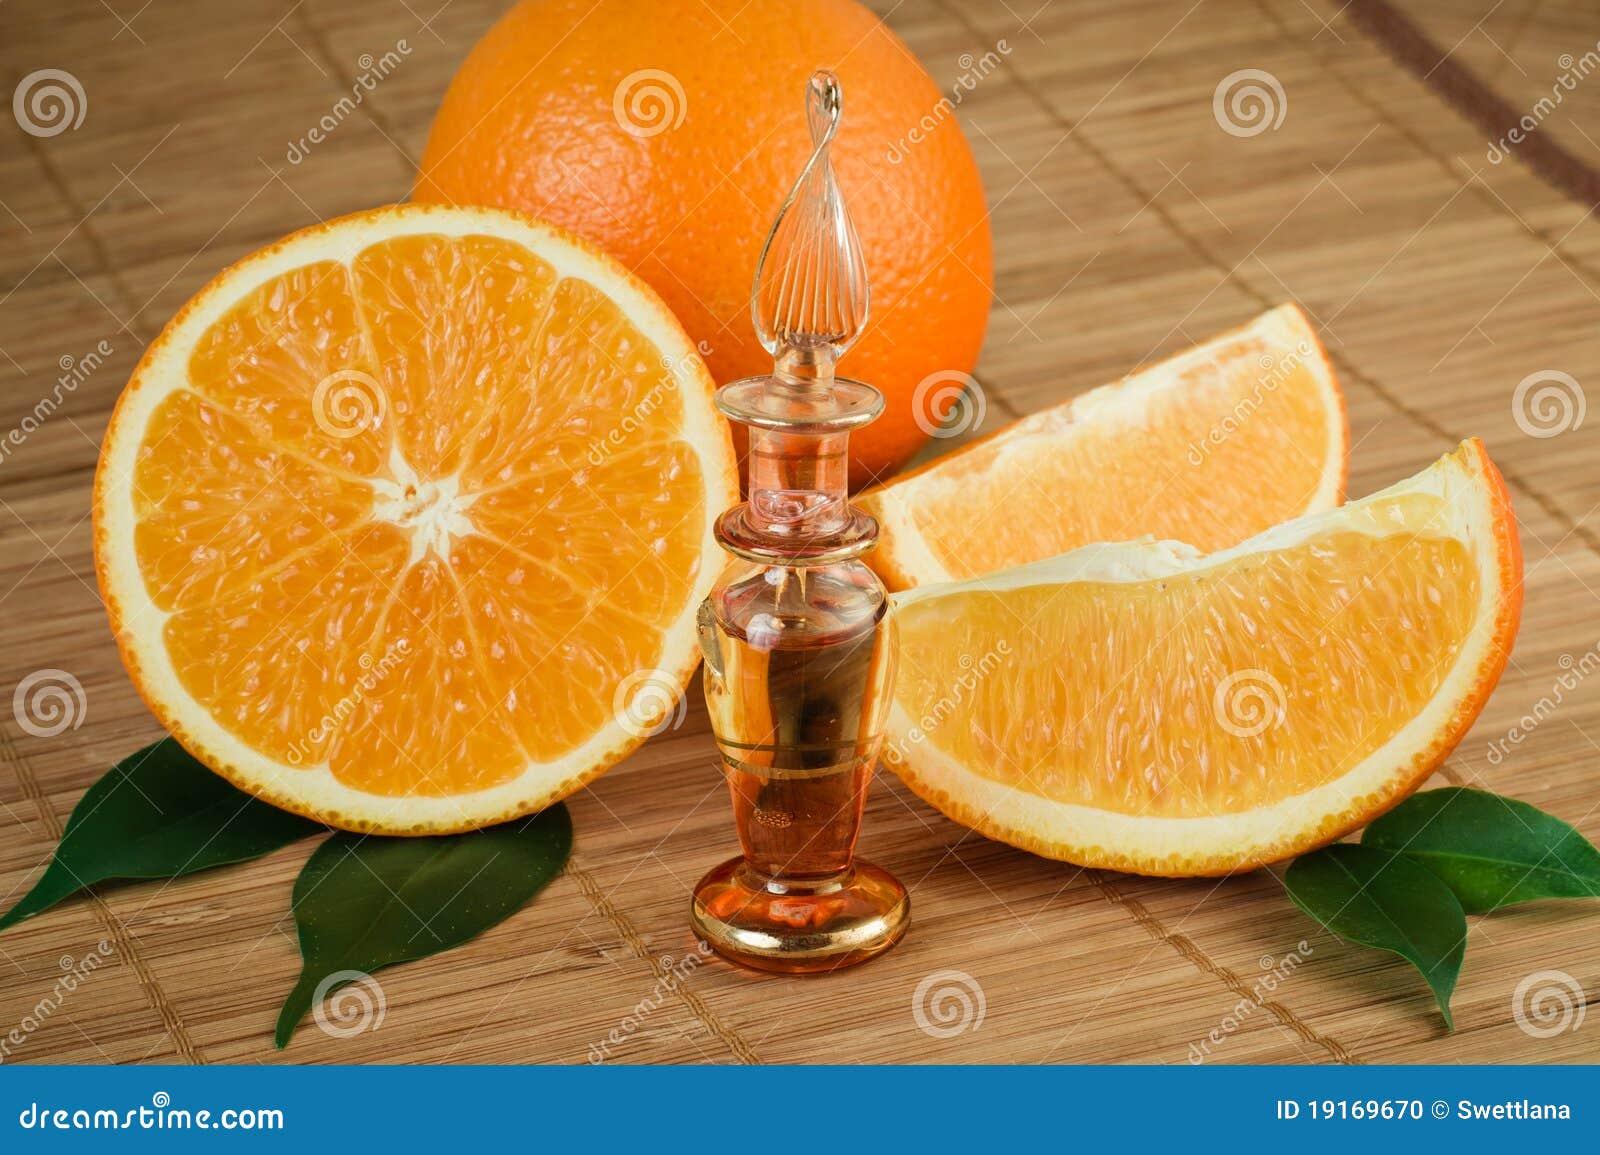 Как сделать мандариновое масло в домашних условиях